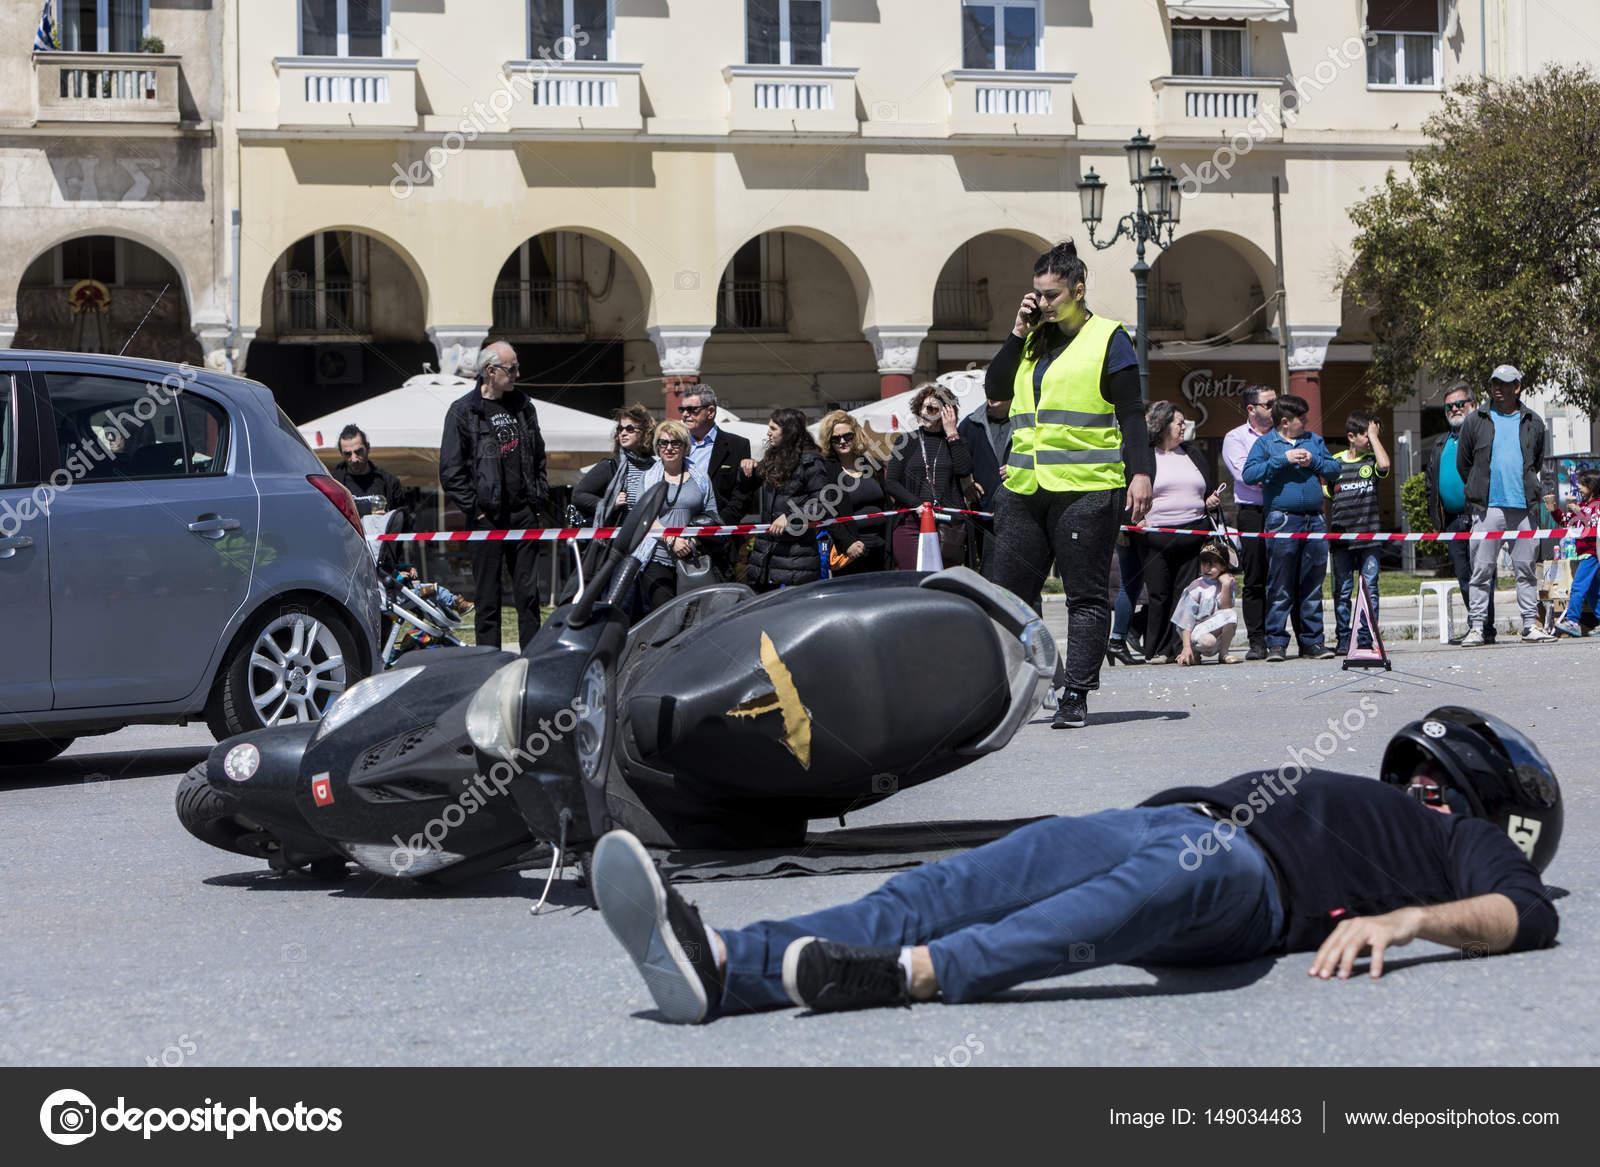 Erste Hilfe, Befreiung der Opfer in einem Autounfall ...